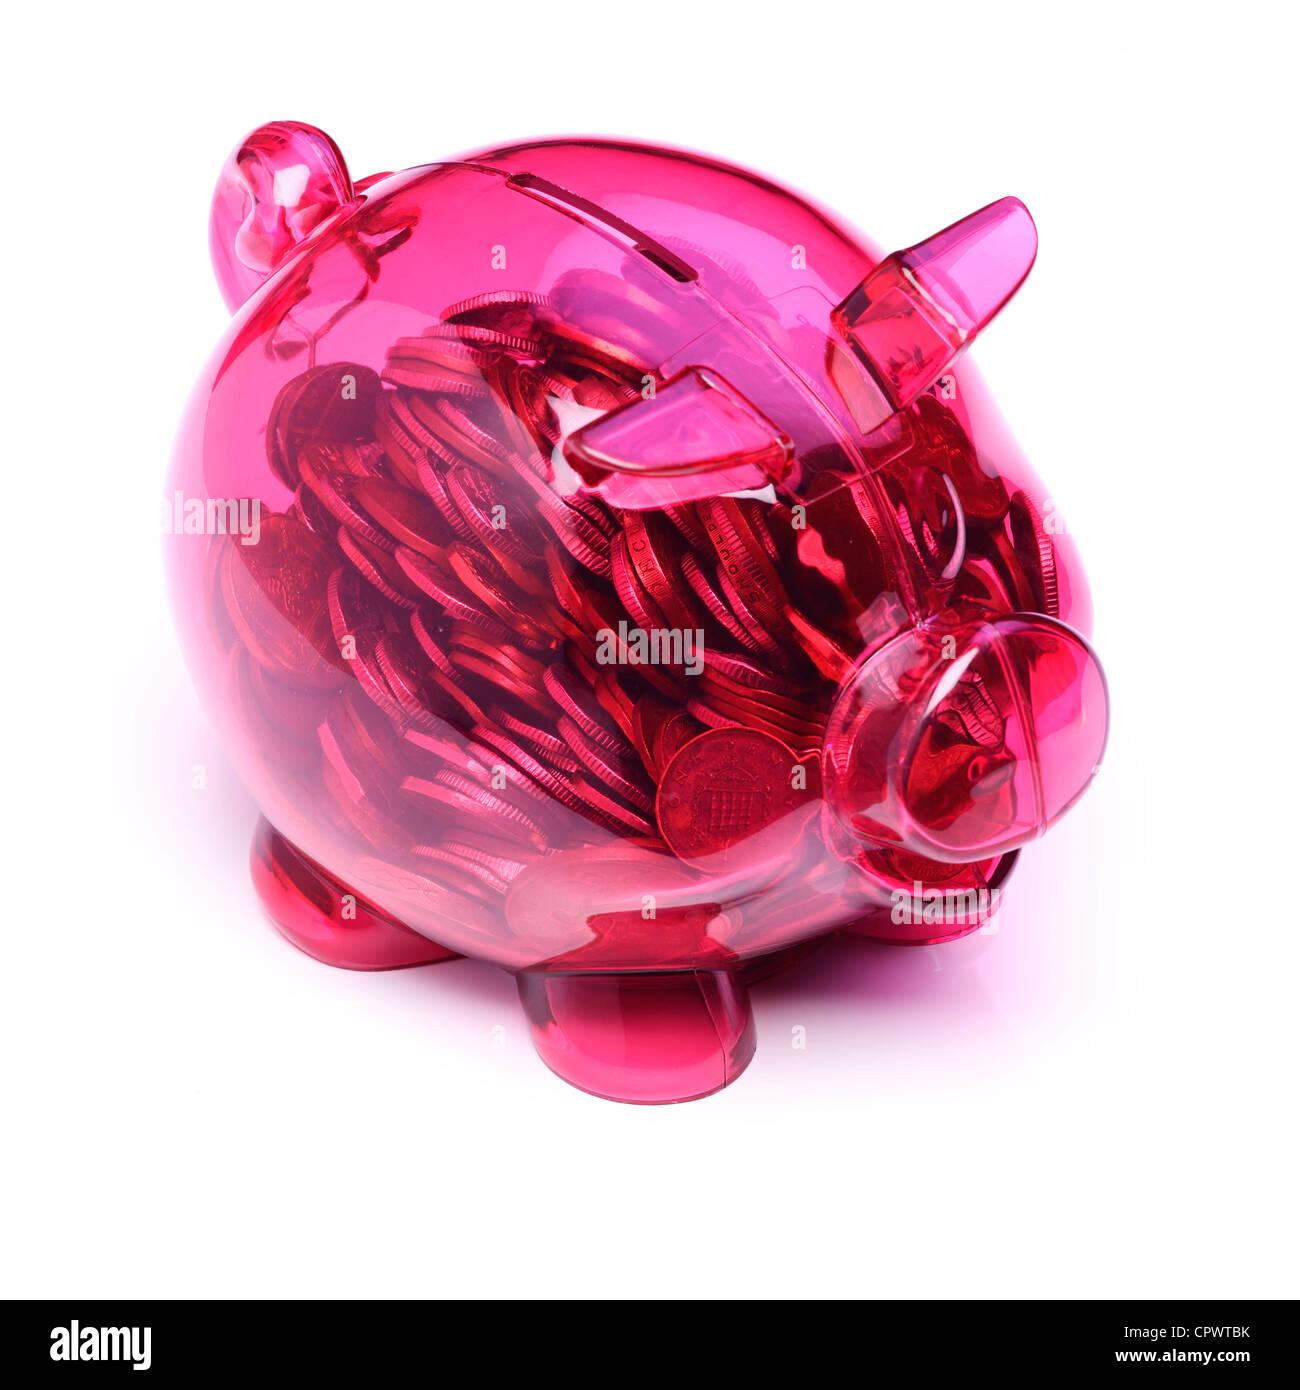 En plastique rose transparent tirelire pleine de coins Photo Stock